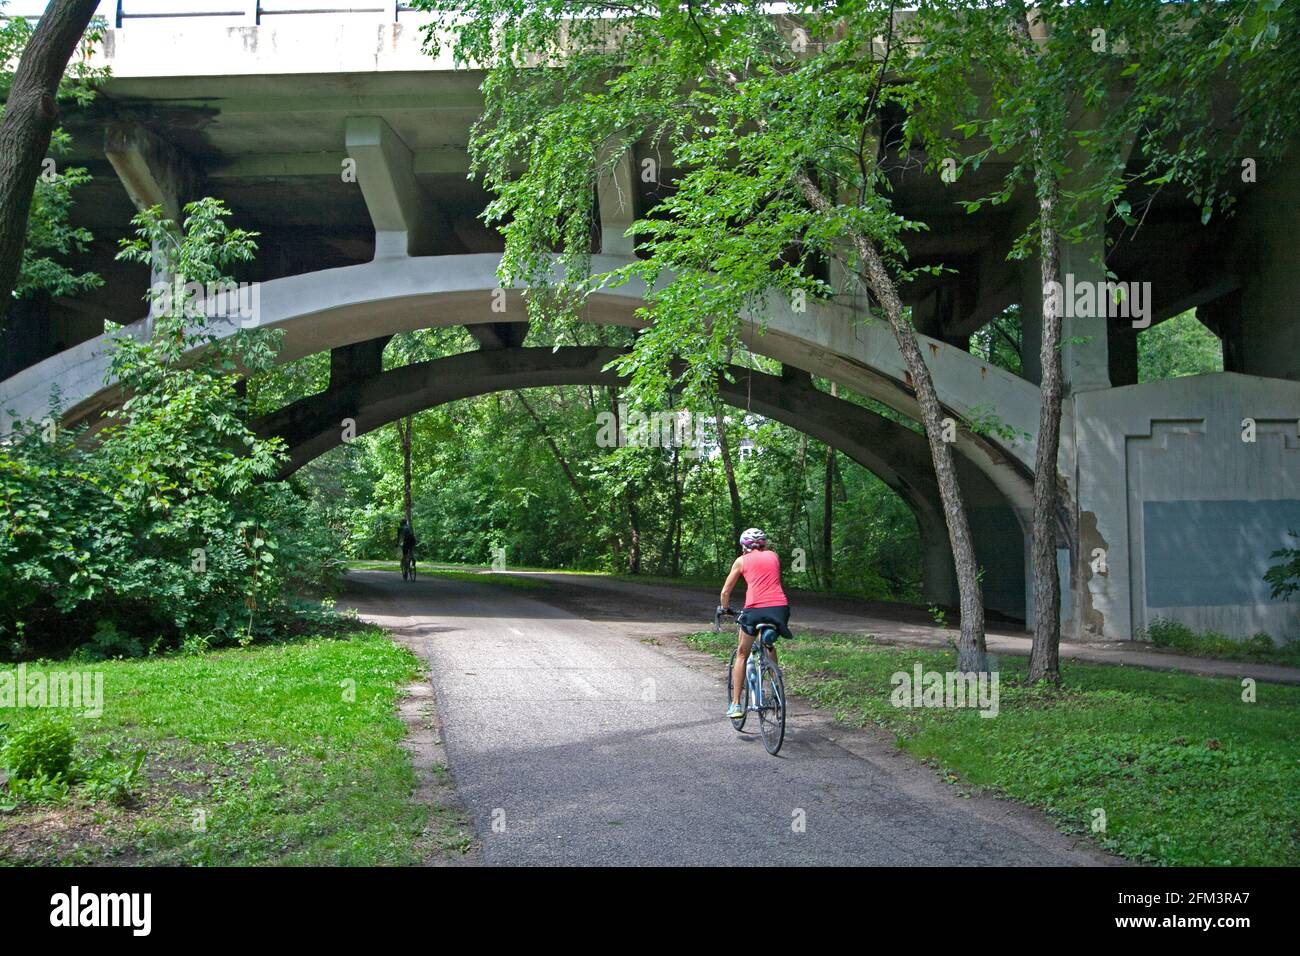 Ciclistas pedaleando a lo largo de la ruta regional Minnehaha Parkway a punto de pasar bajo el arco del puente de la avenida Nicollet. Minneapolis Minnesota MN Estados Unidos Foto de stock